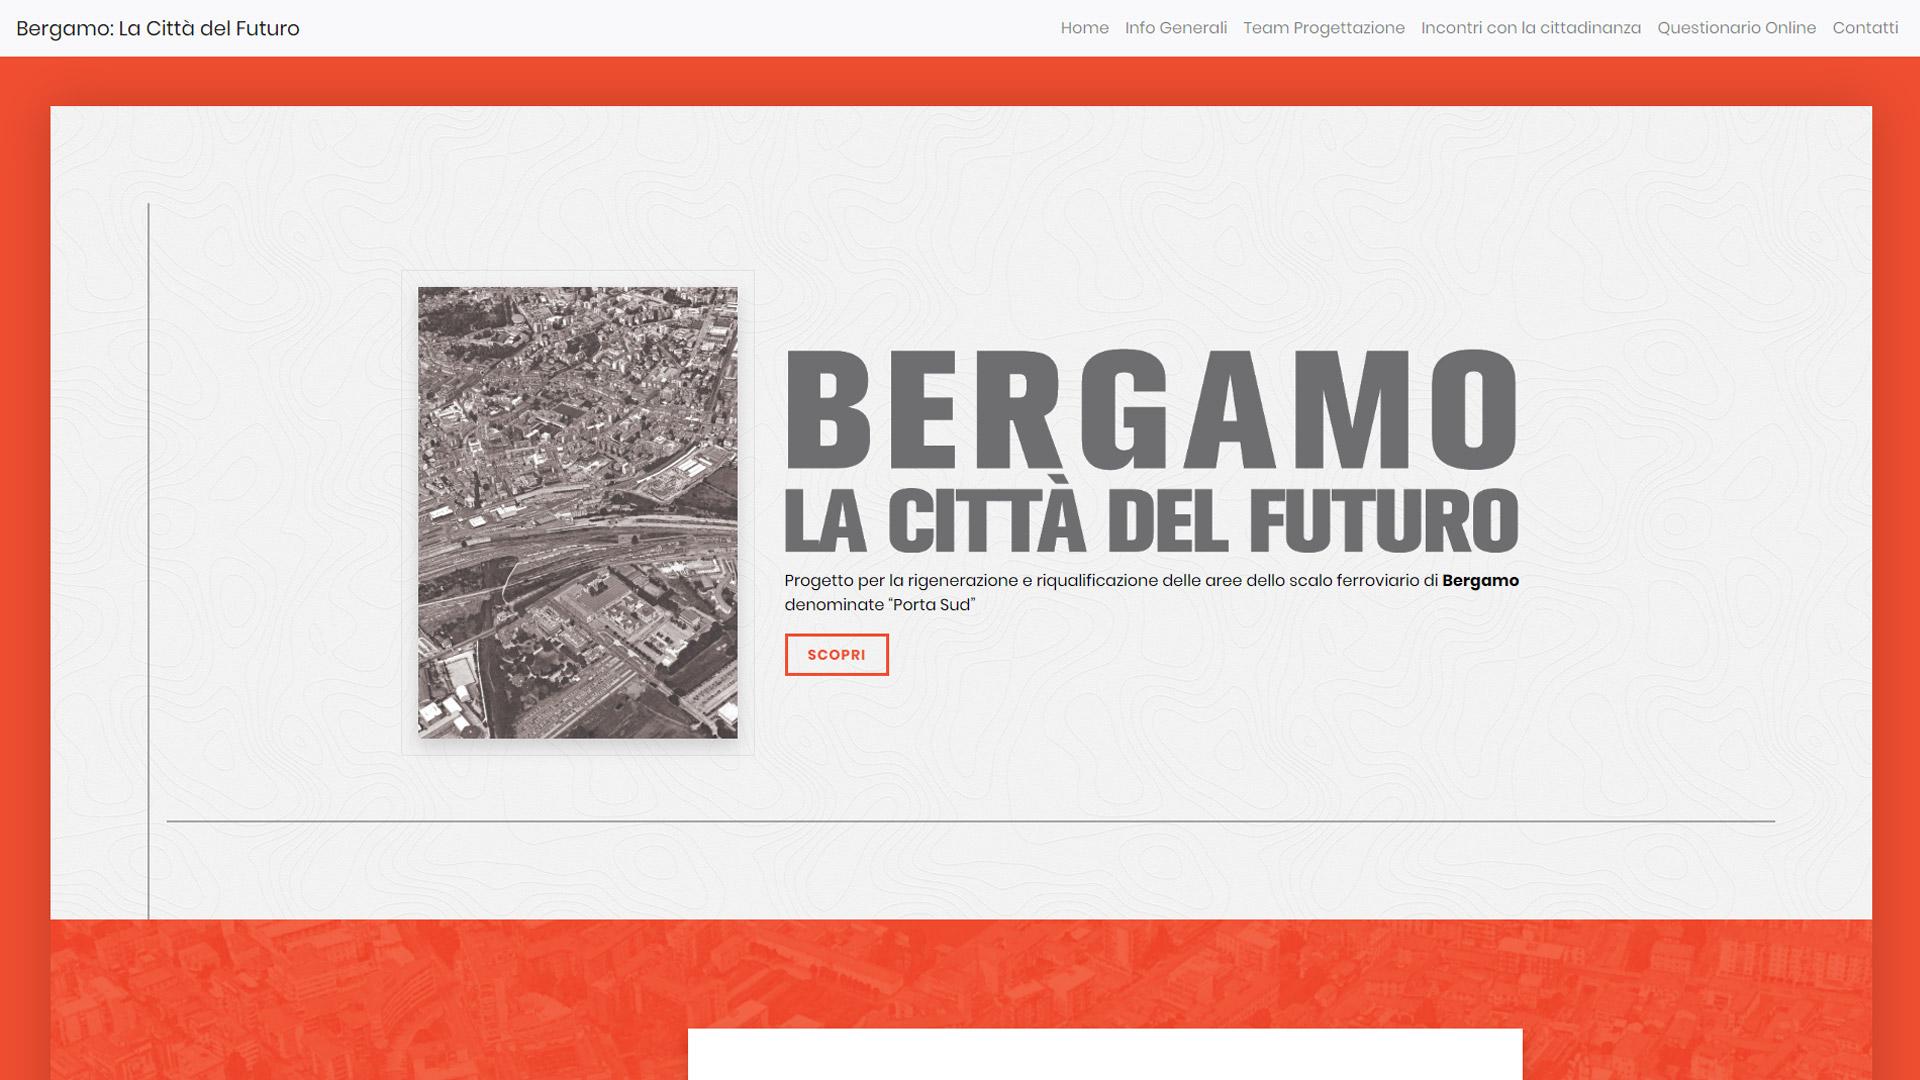 Vitali - Bergamo La Città del Futuro